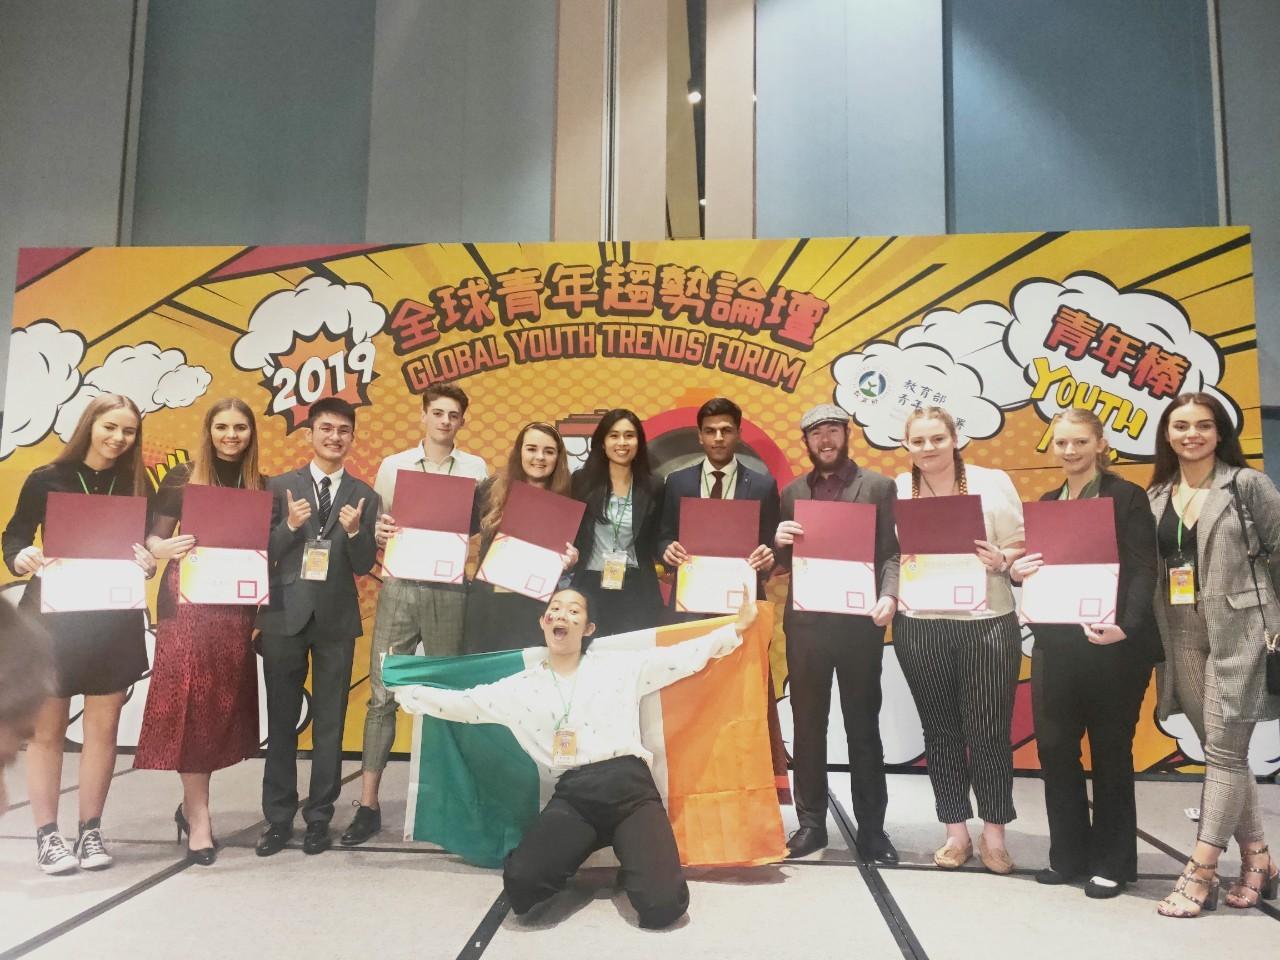 圖二:孫凡琪(後排中間)與愛爾蘭團在2019年全球青年趨勢論壇。